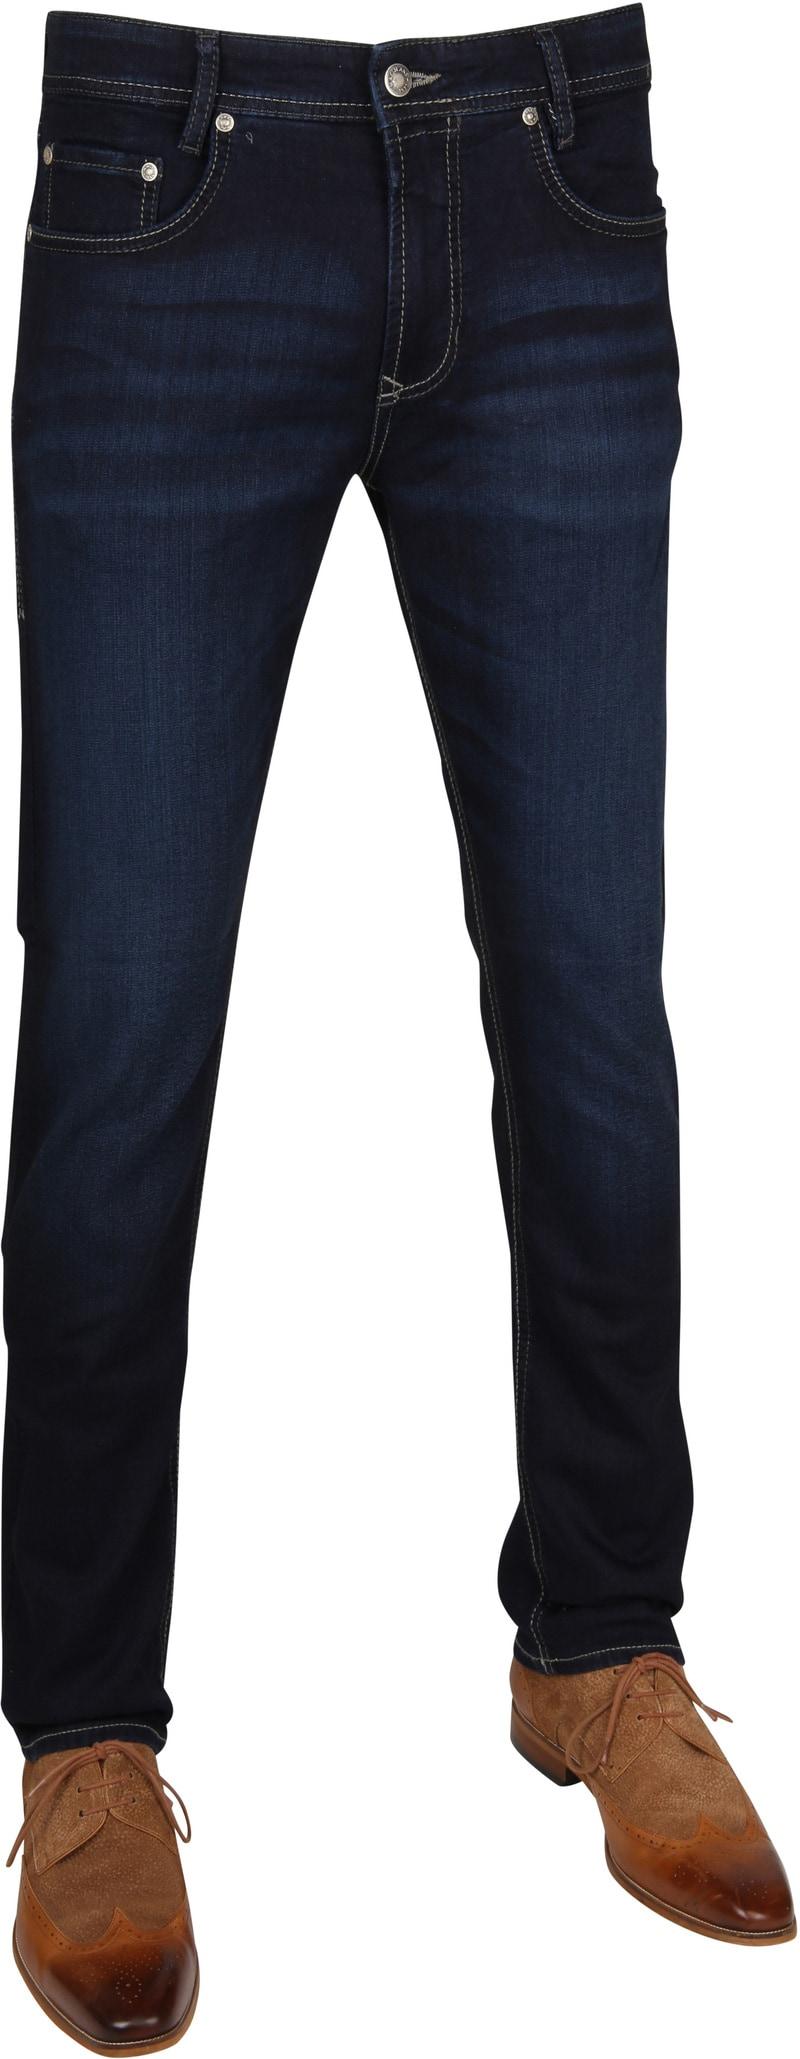 Mac Jog'n Jeans - Donkerblauw maat W 31 - L 34